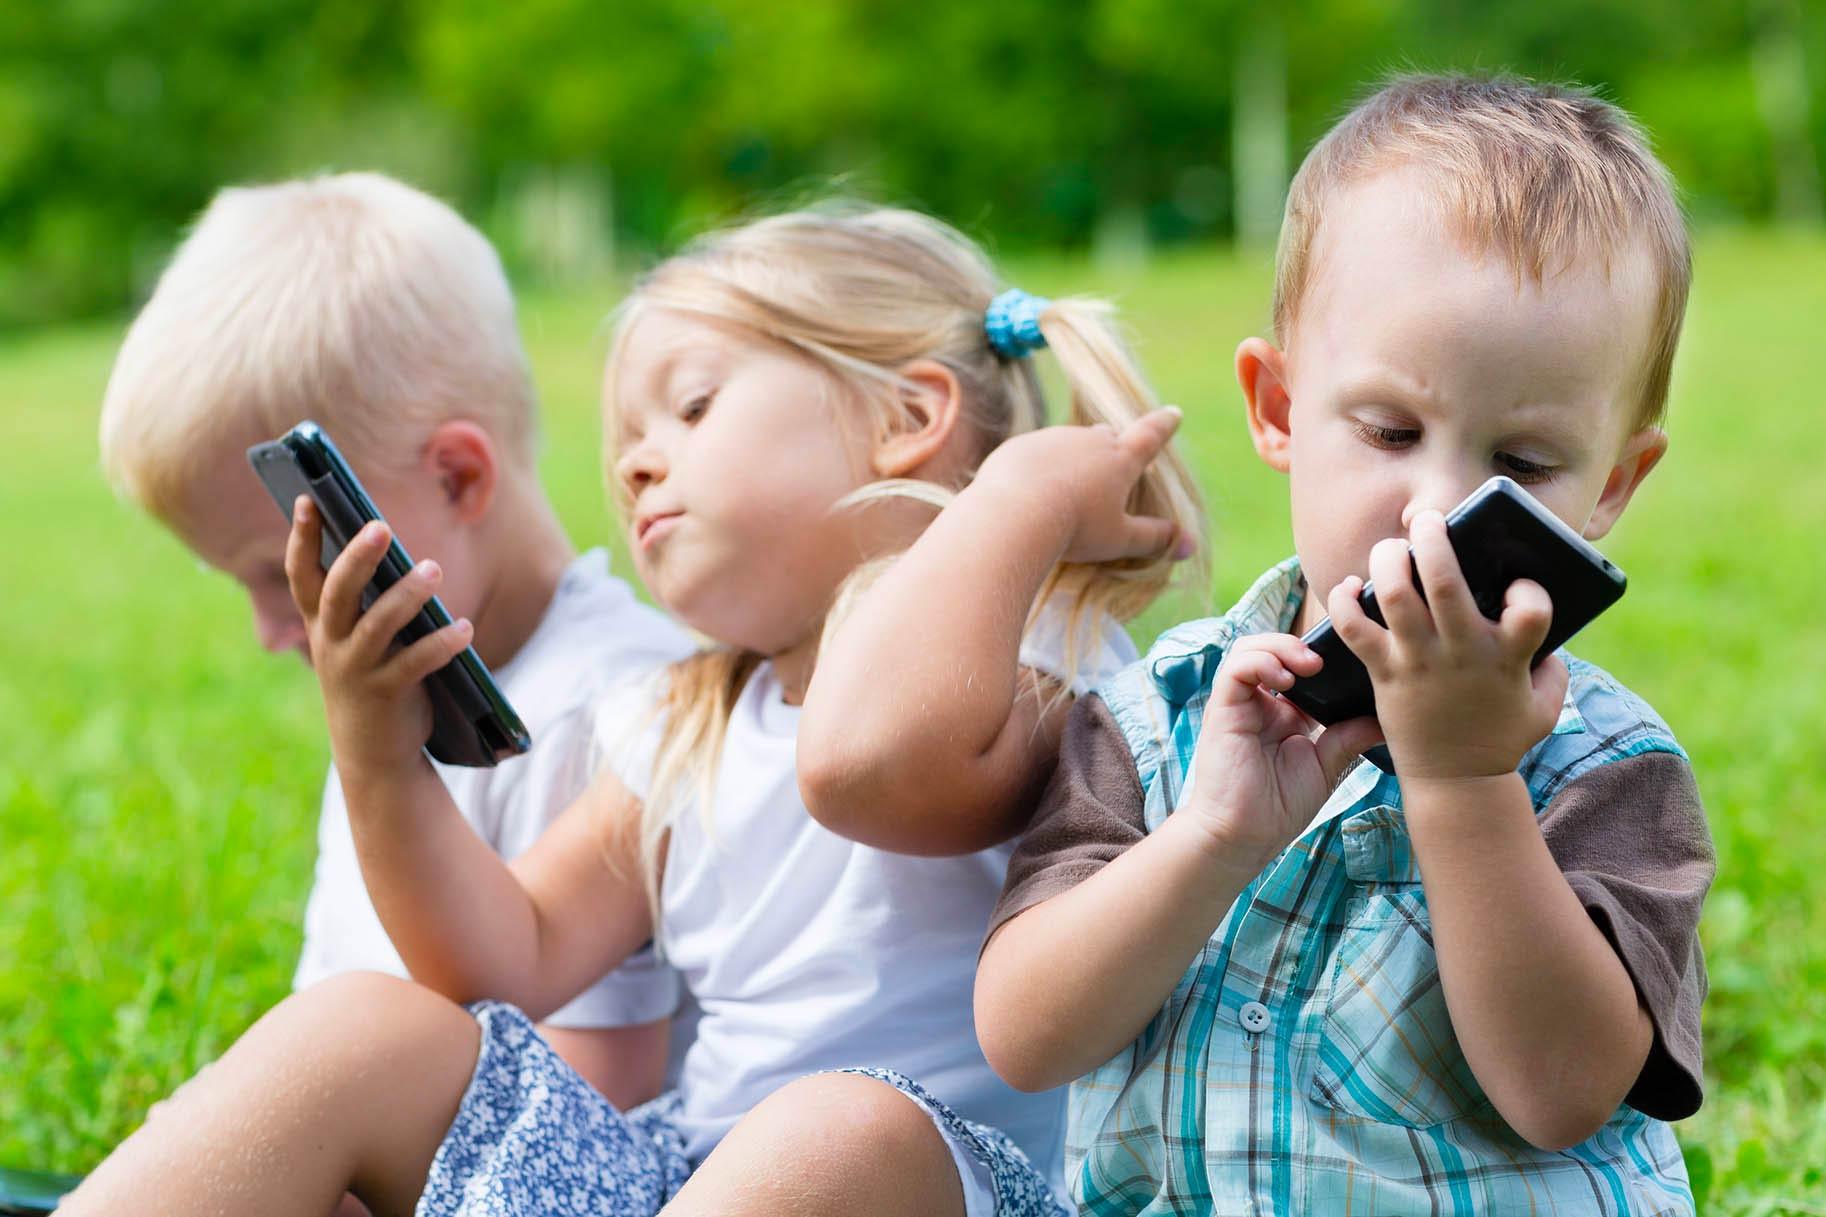 tre bambini piccoli usano lo smartphone